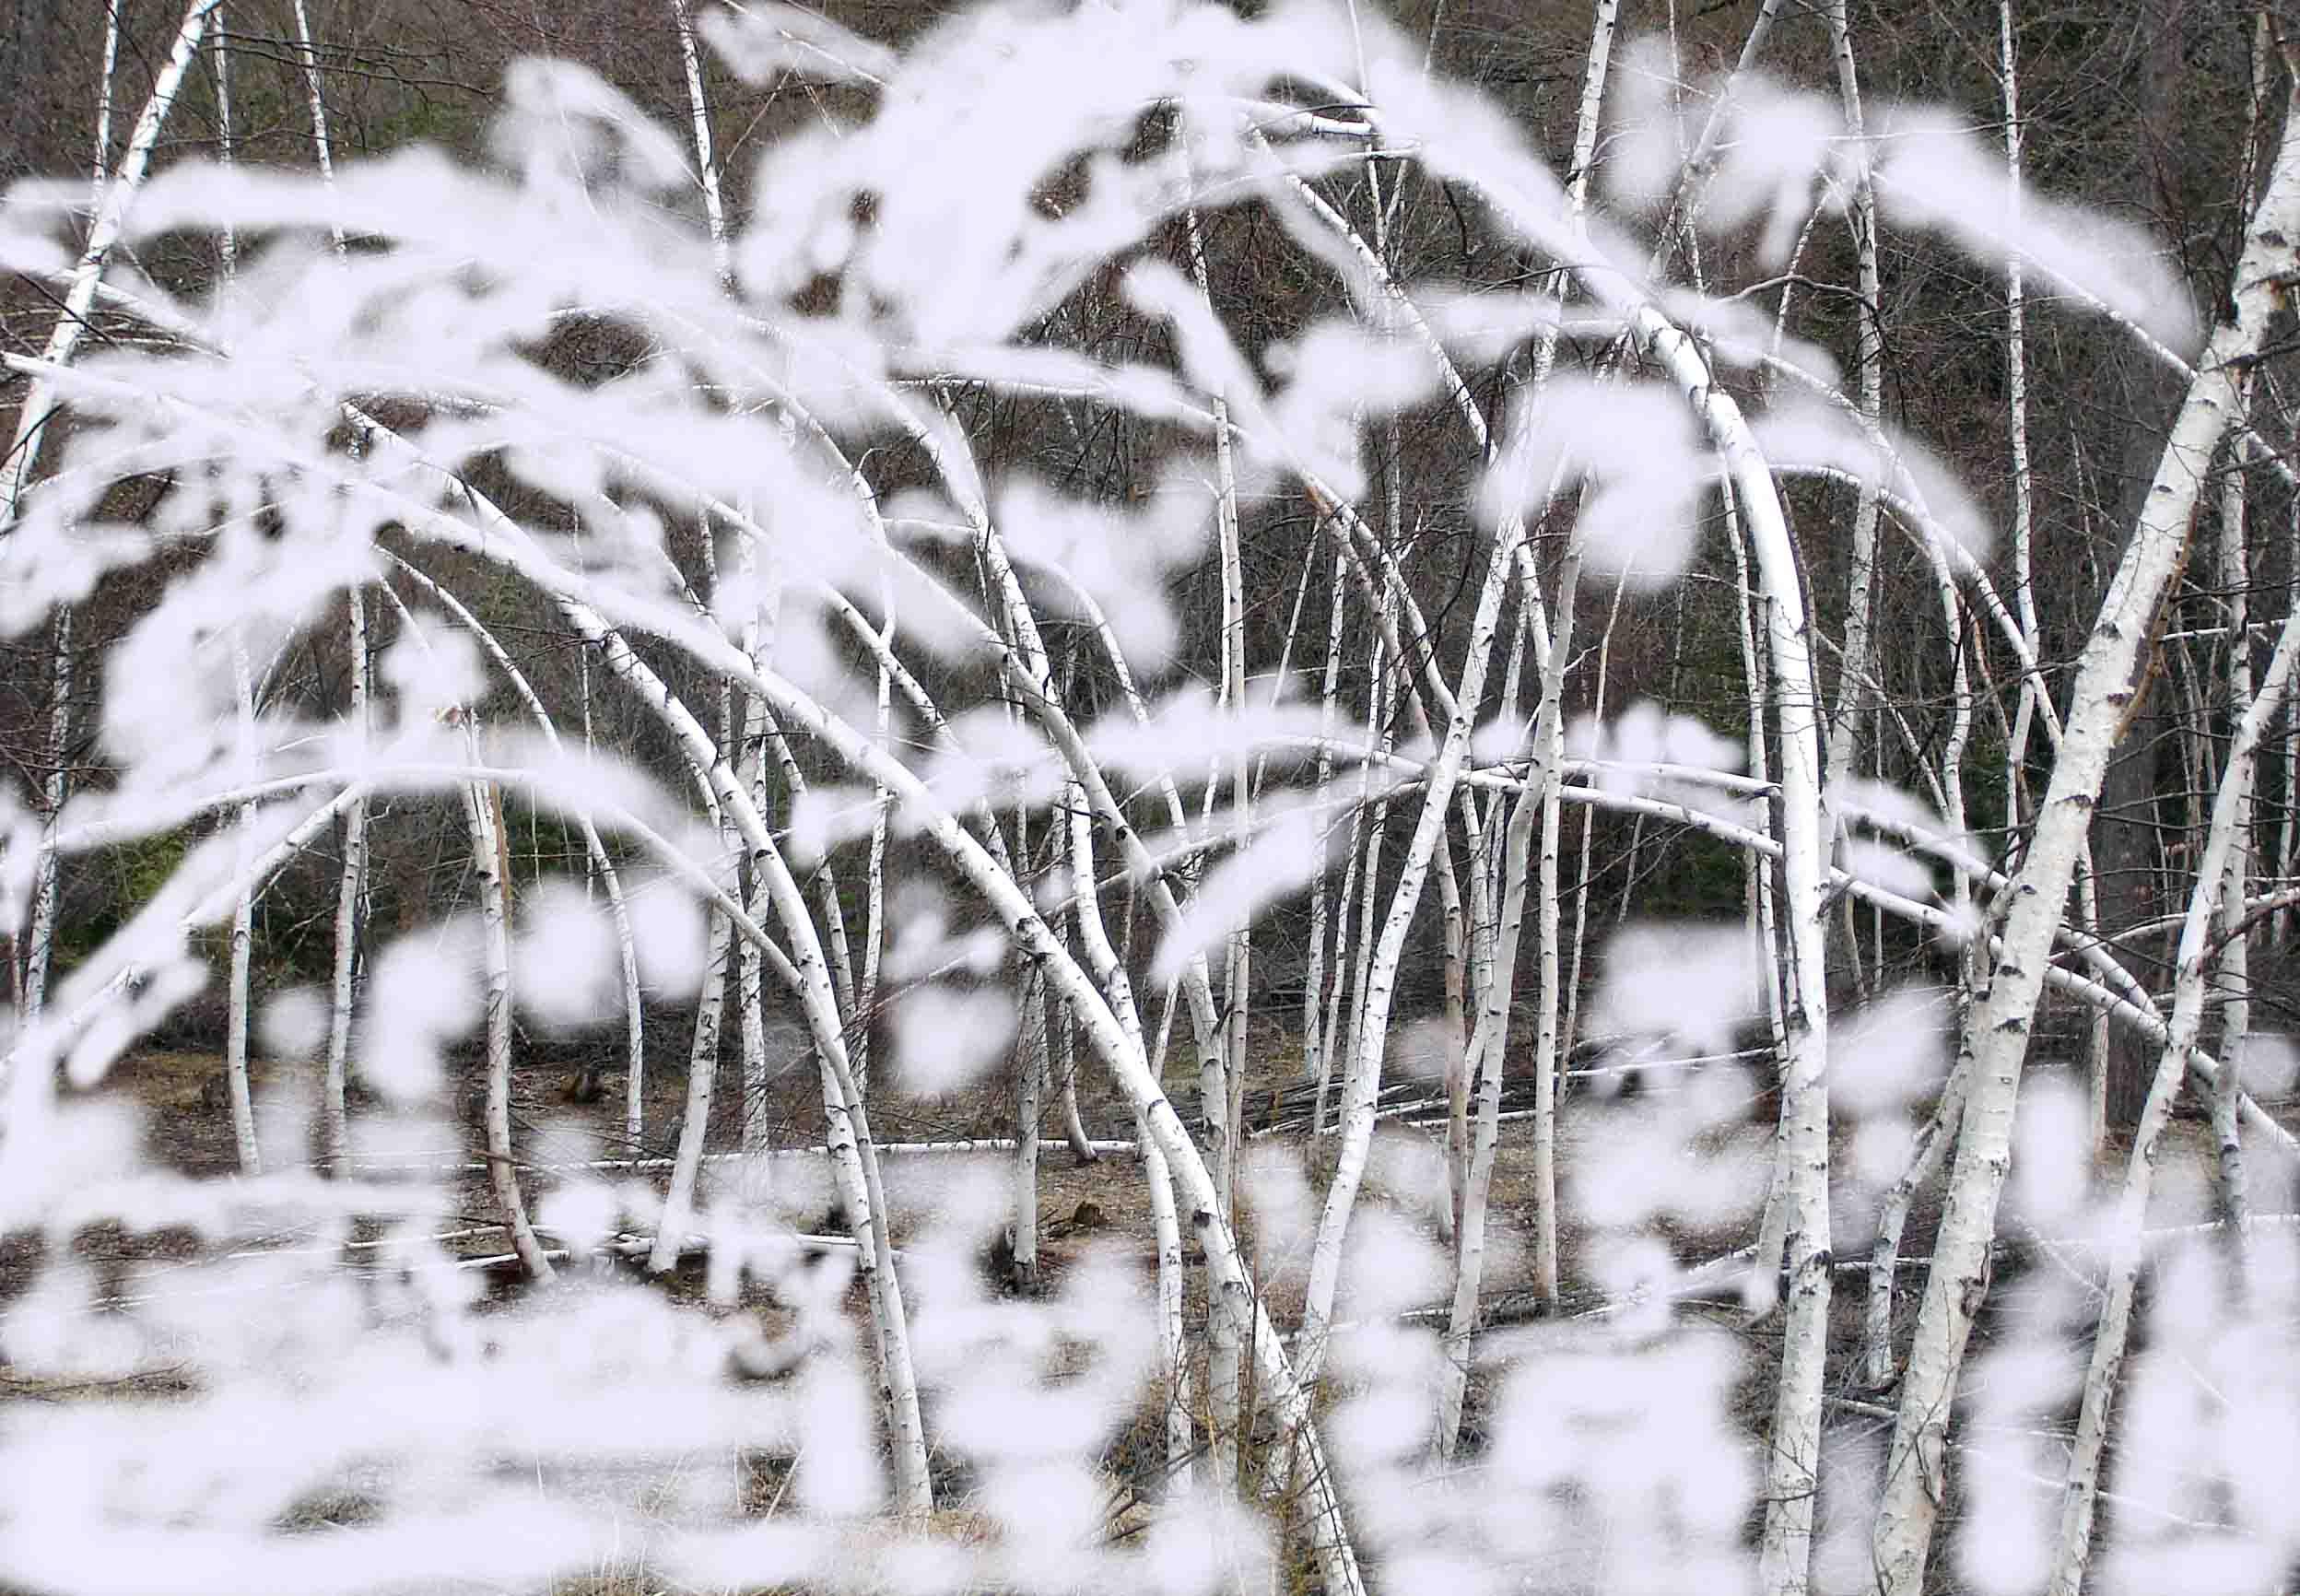 湿雪が着雪した白樺樹(イメージ)